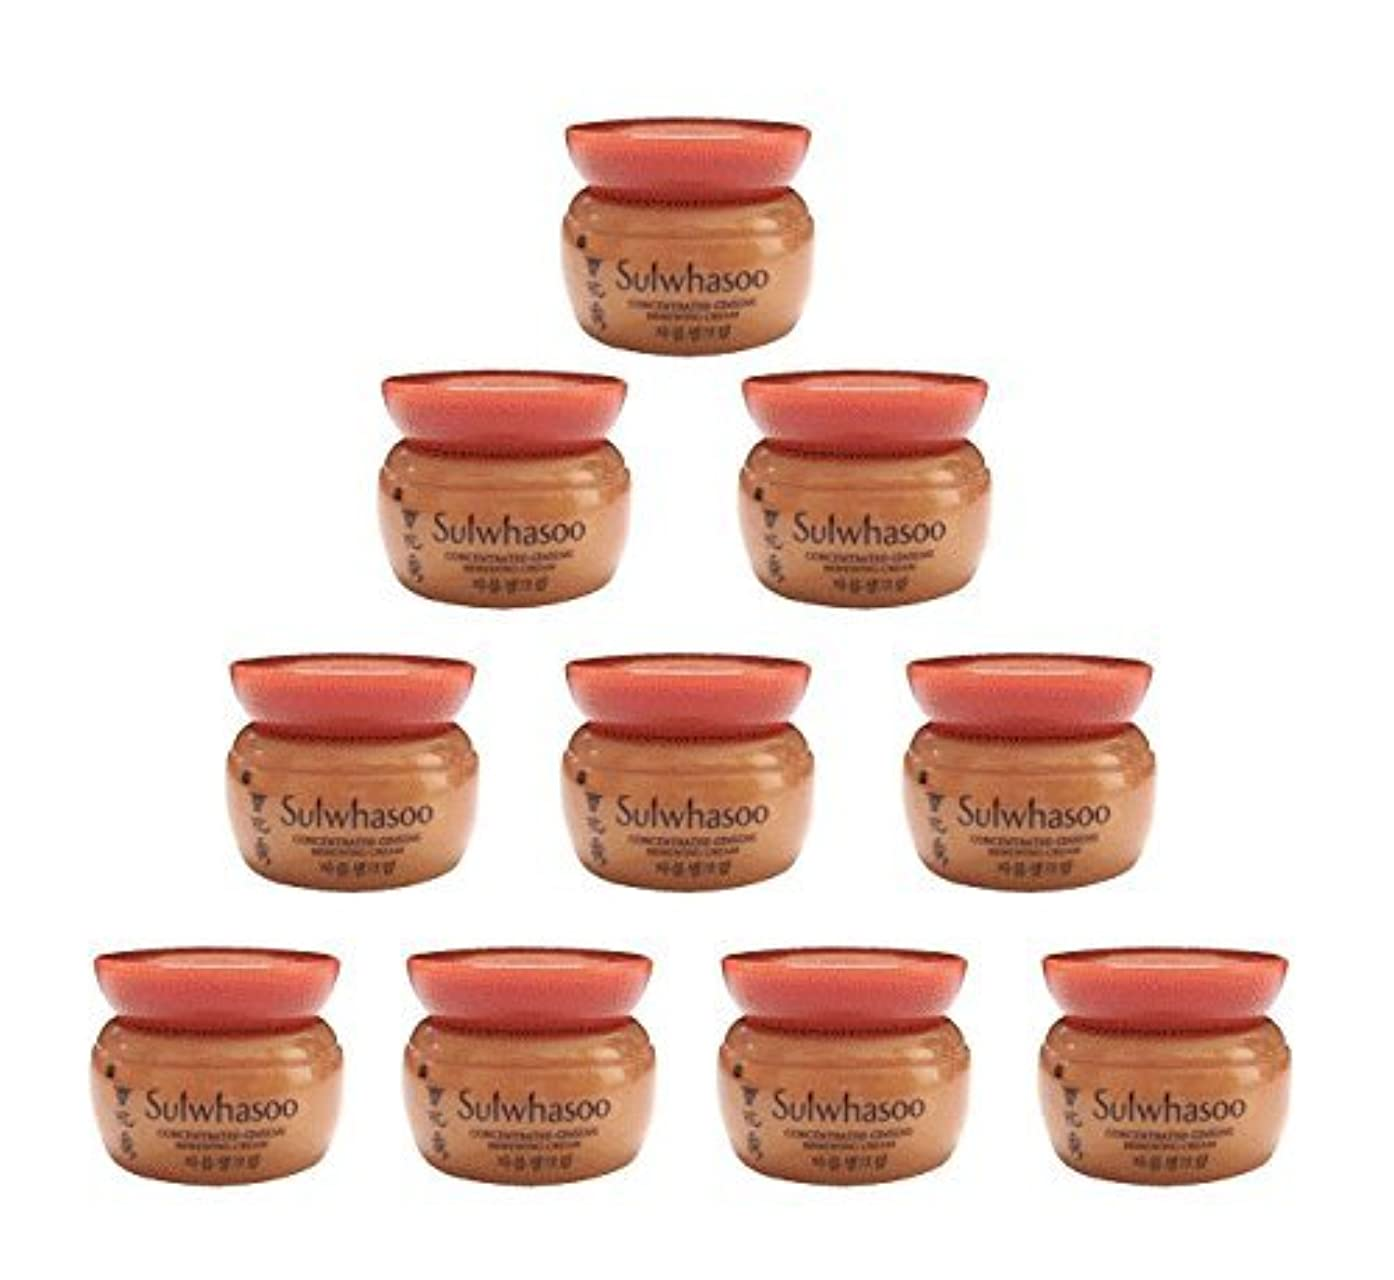 信頼瞳ペグ【ソルファス 雪花秀 Sulwhasoo】 Concentrated Ginseng Renewing Cream(50ml) 5ml x 10個 韓国化粧品 ブランドのサンプル [並行輸入品]